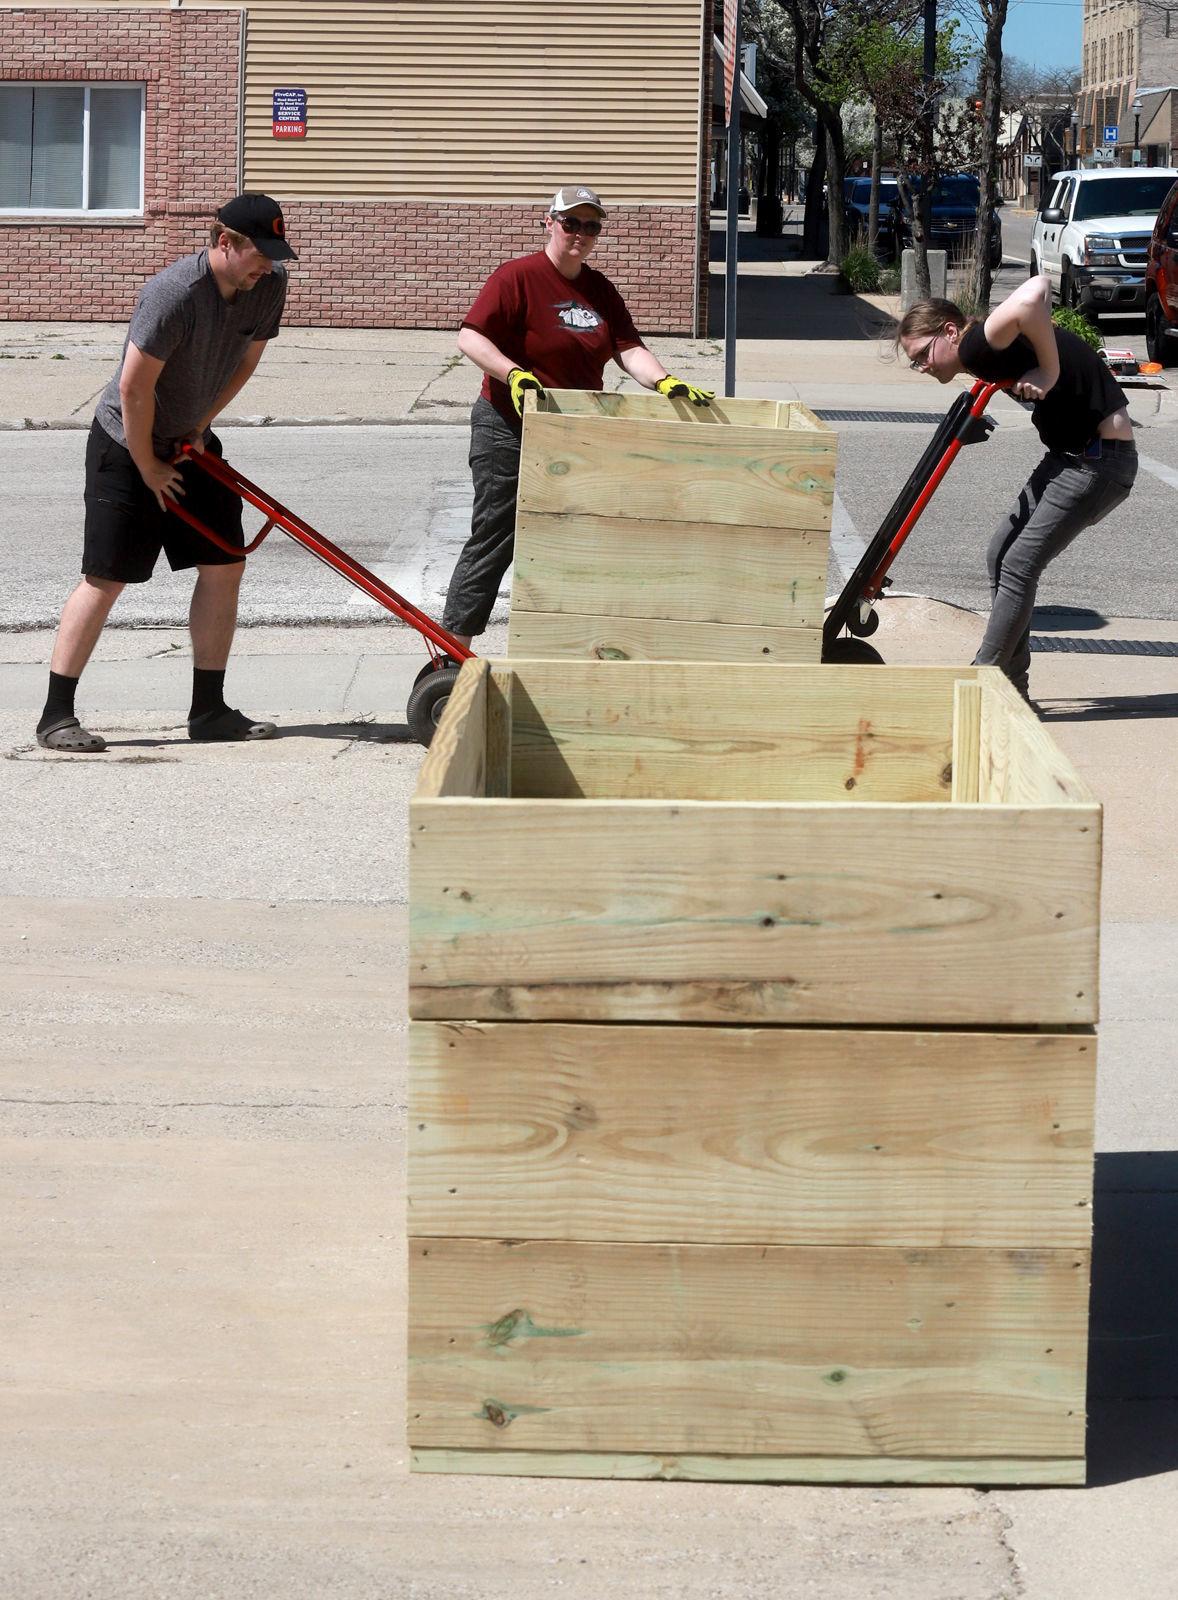 jk-planter boxes1.jpg